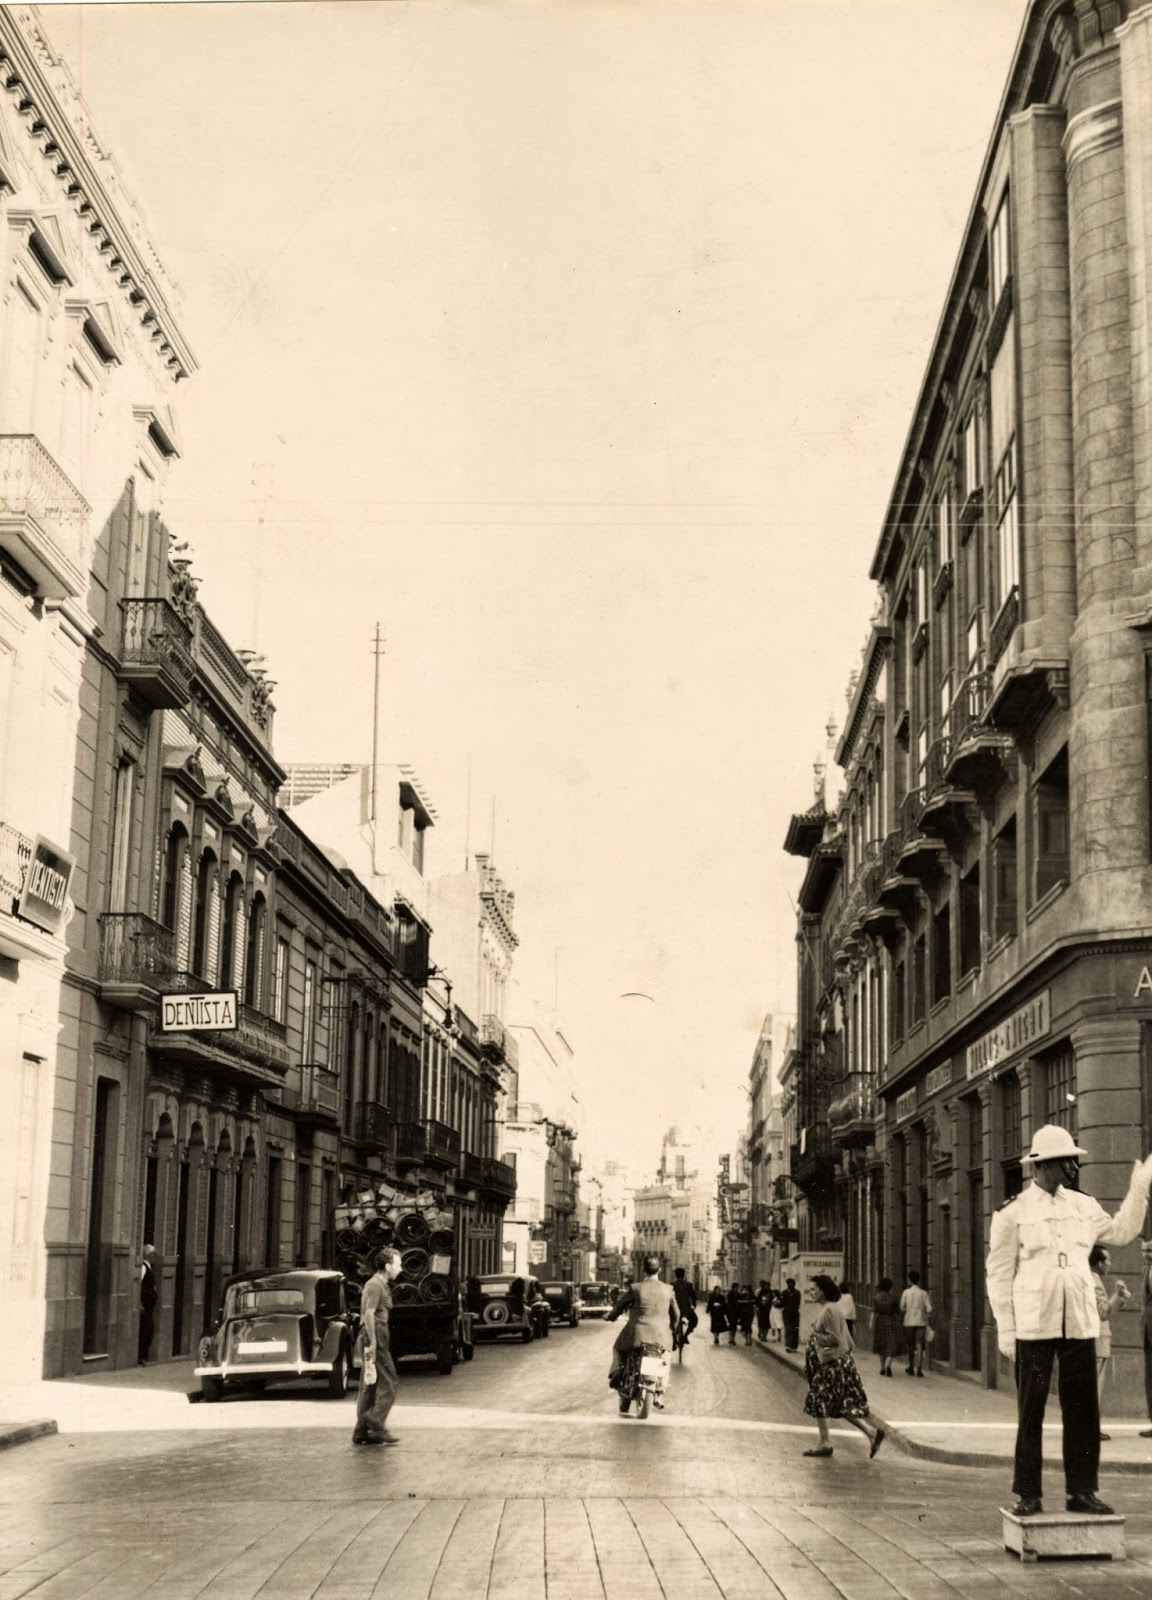 Imagen nº 14463 propiedad del archivo de fotografía histórica de LA FEDAC/CABILDO DE GRAN CANARIA. Realizada entre los años 1930 y 1940 por D. Julián Hernández Gil.